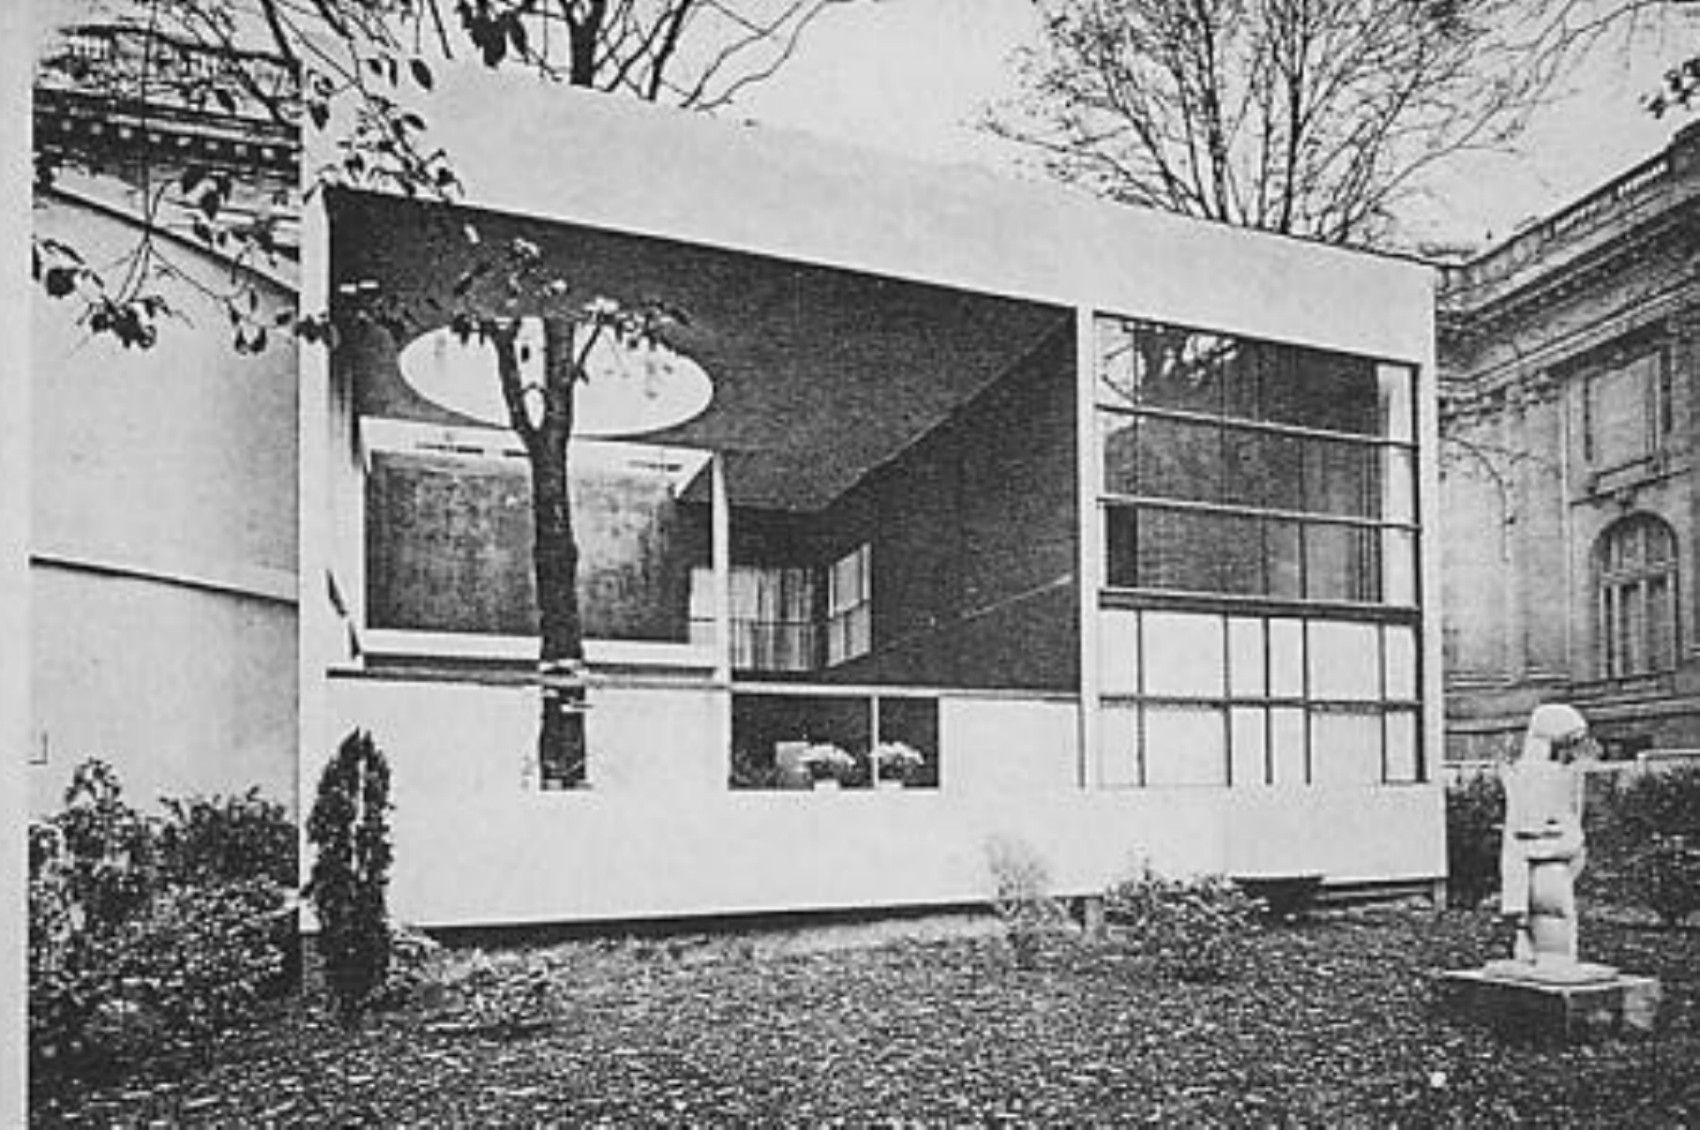 L Esprit Nouveau Le Corbusier Minimalist Design No Interior